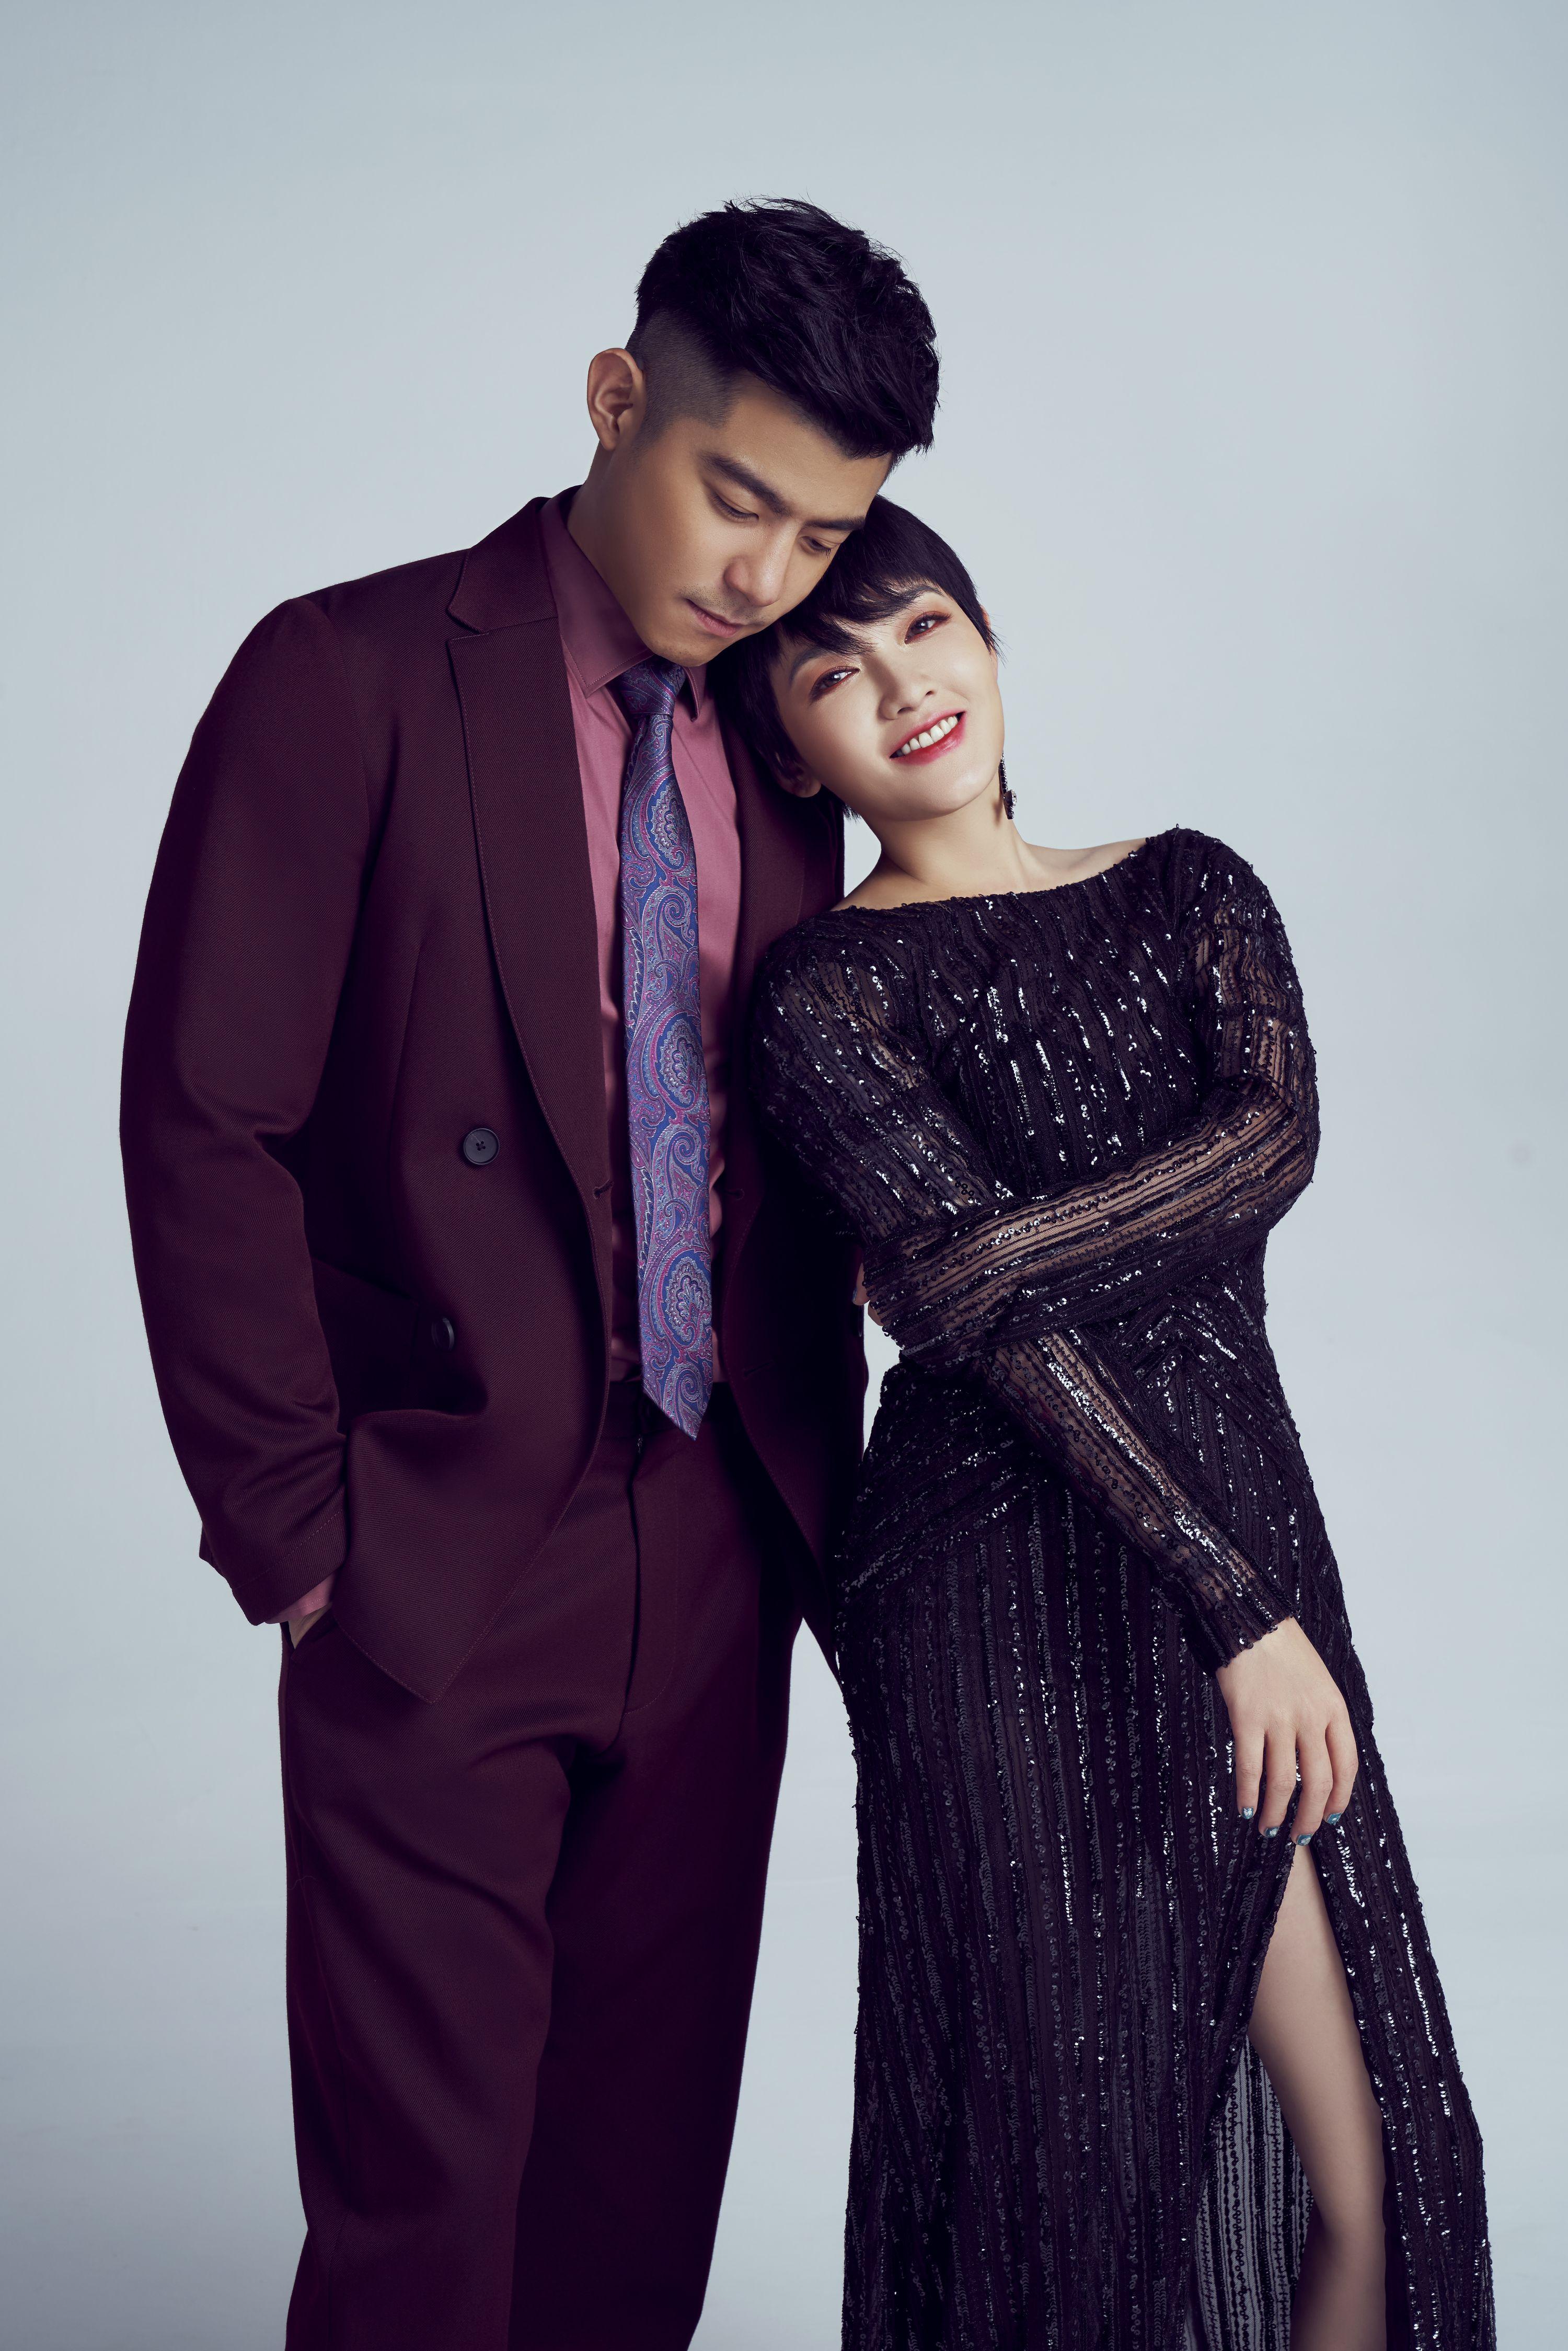 小萱和柏傑雖年齡相差12歲,但外型上完全看不出兼相當合襯。